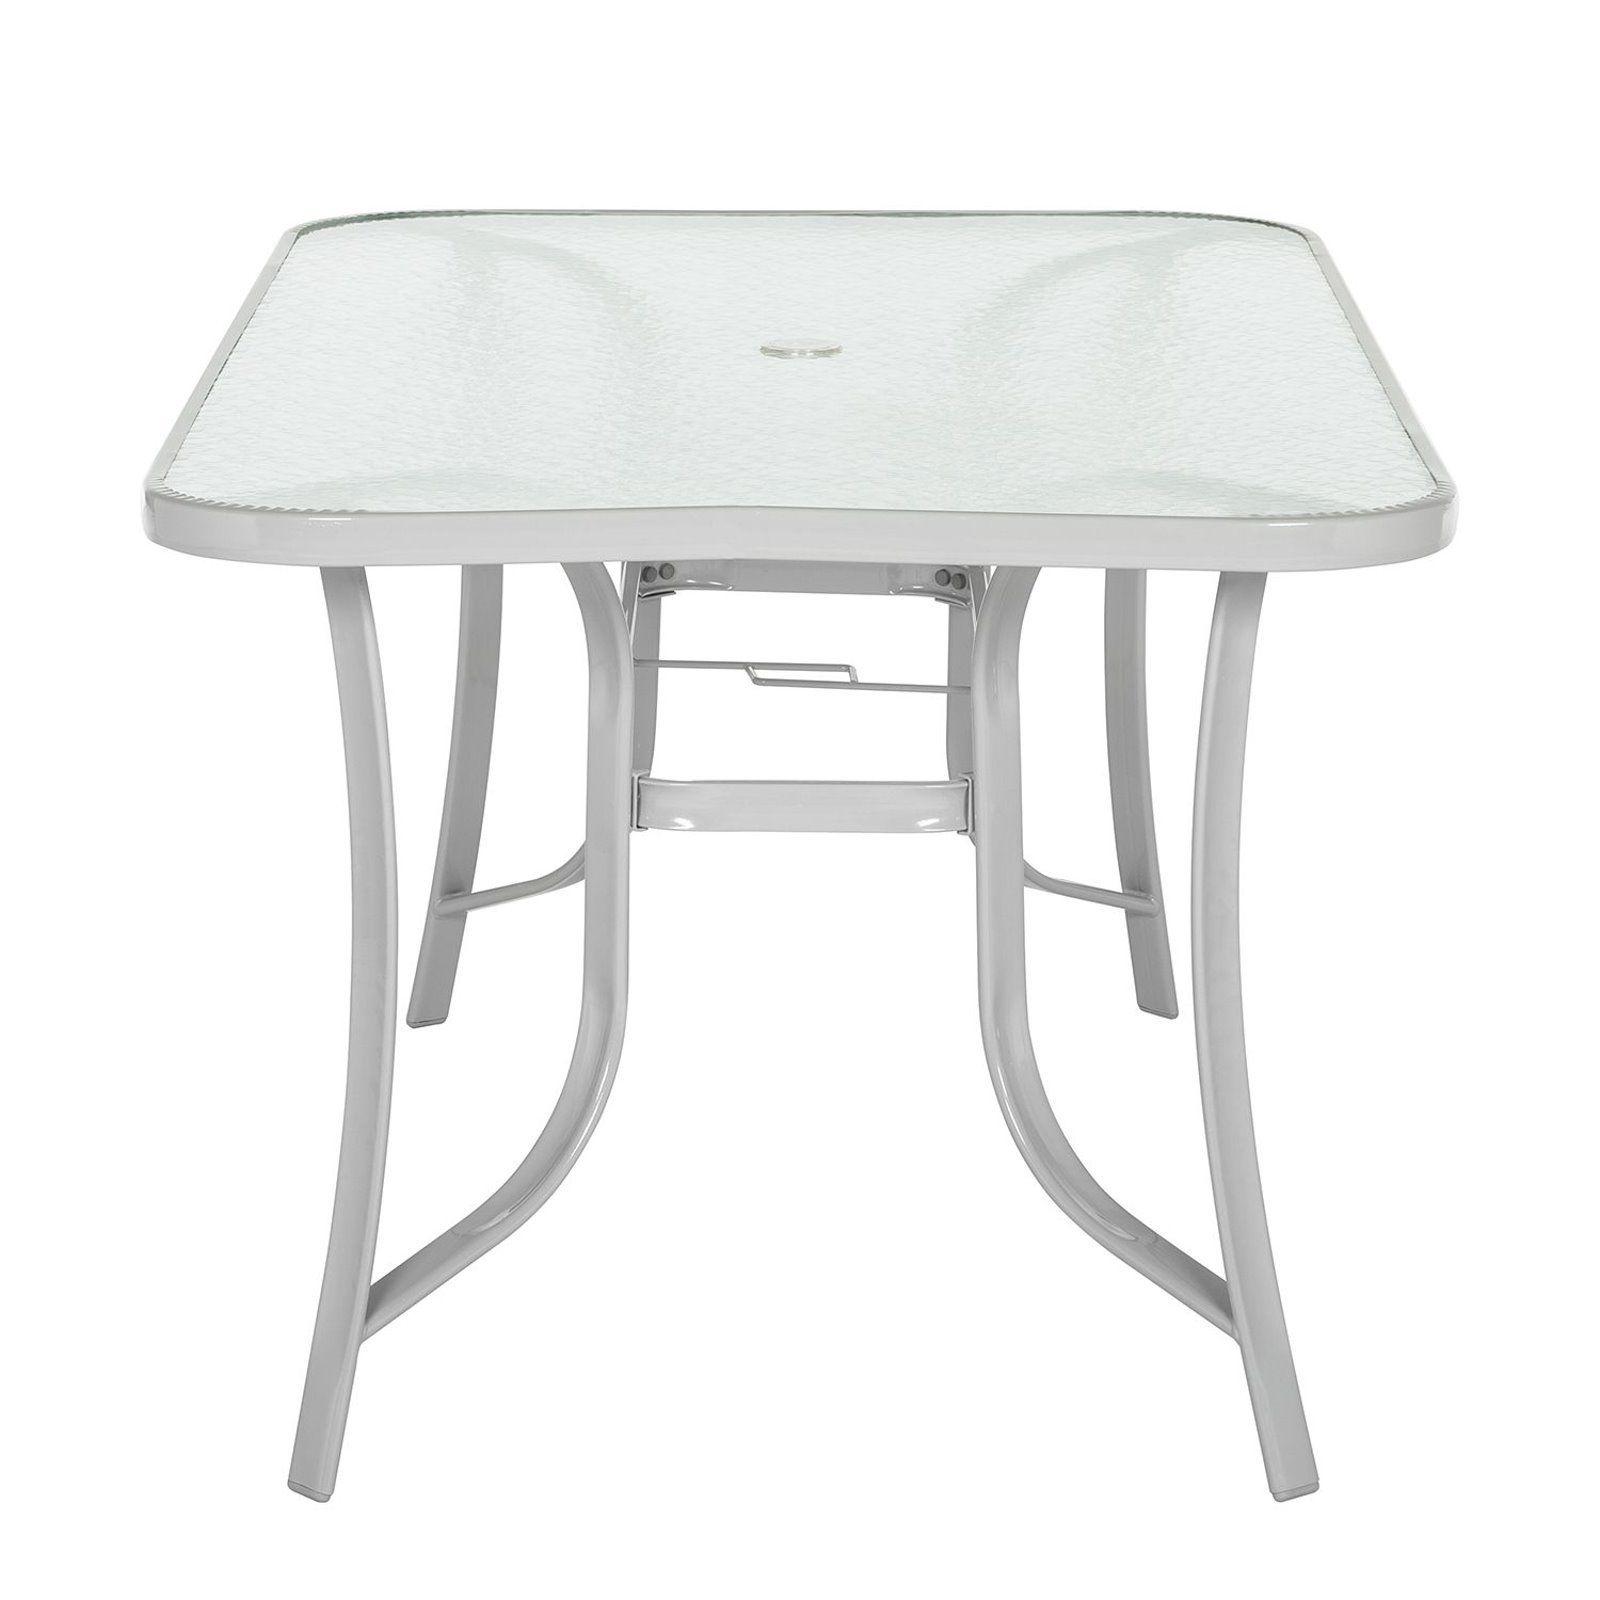 garten glastisch esstisch terrassentisch 150cm metall glas. Black Bedroom Furniture Sets. Home Design Ideas